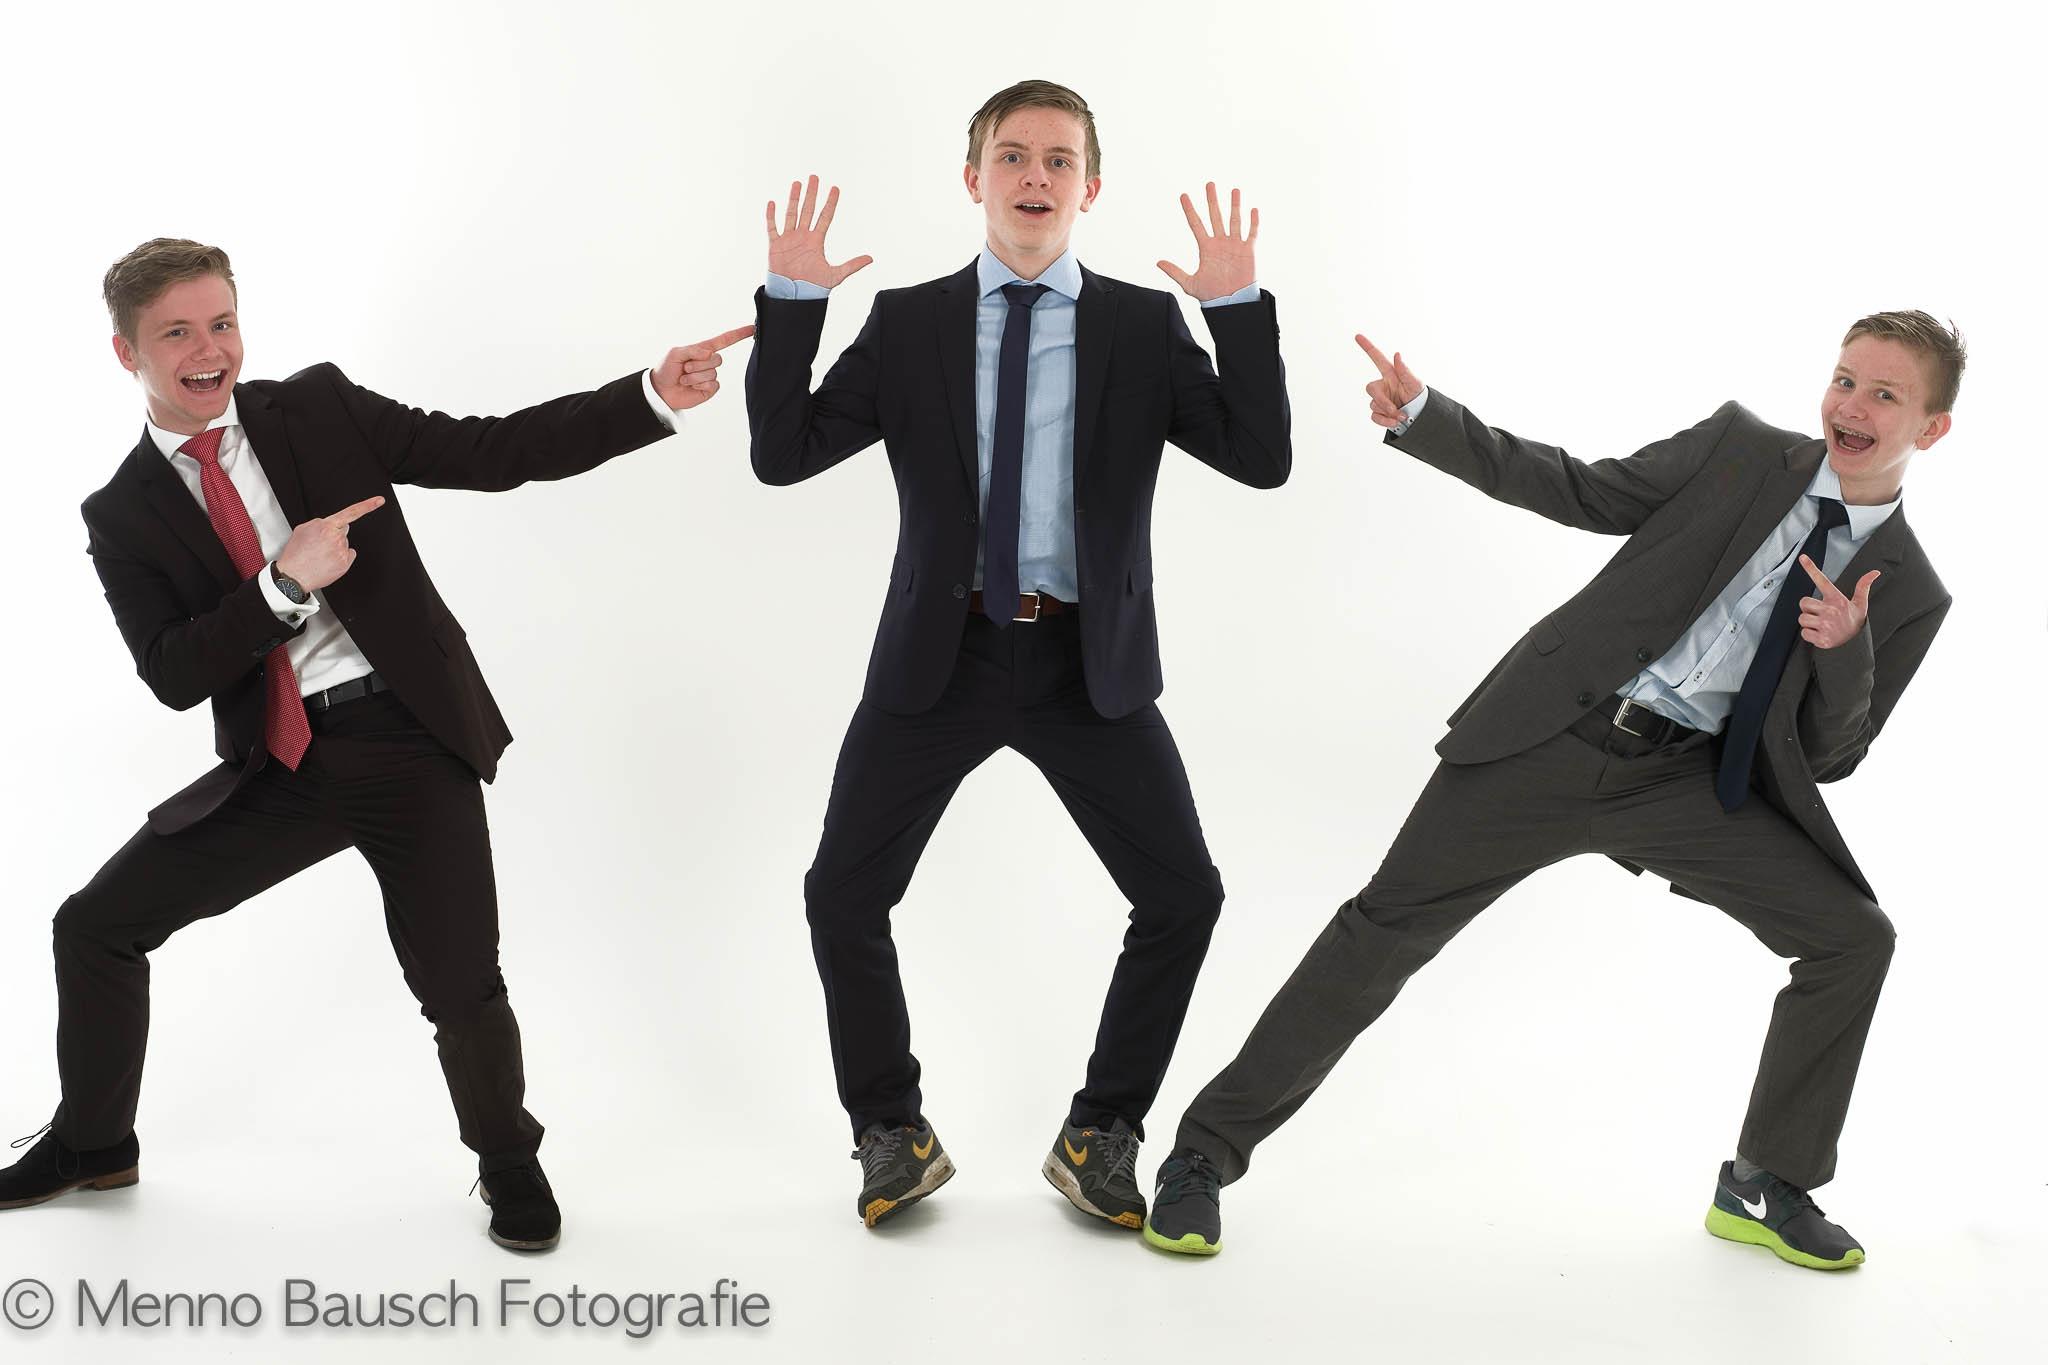 Menno Bausch Fotografie91